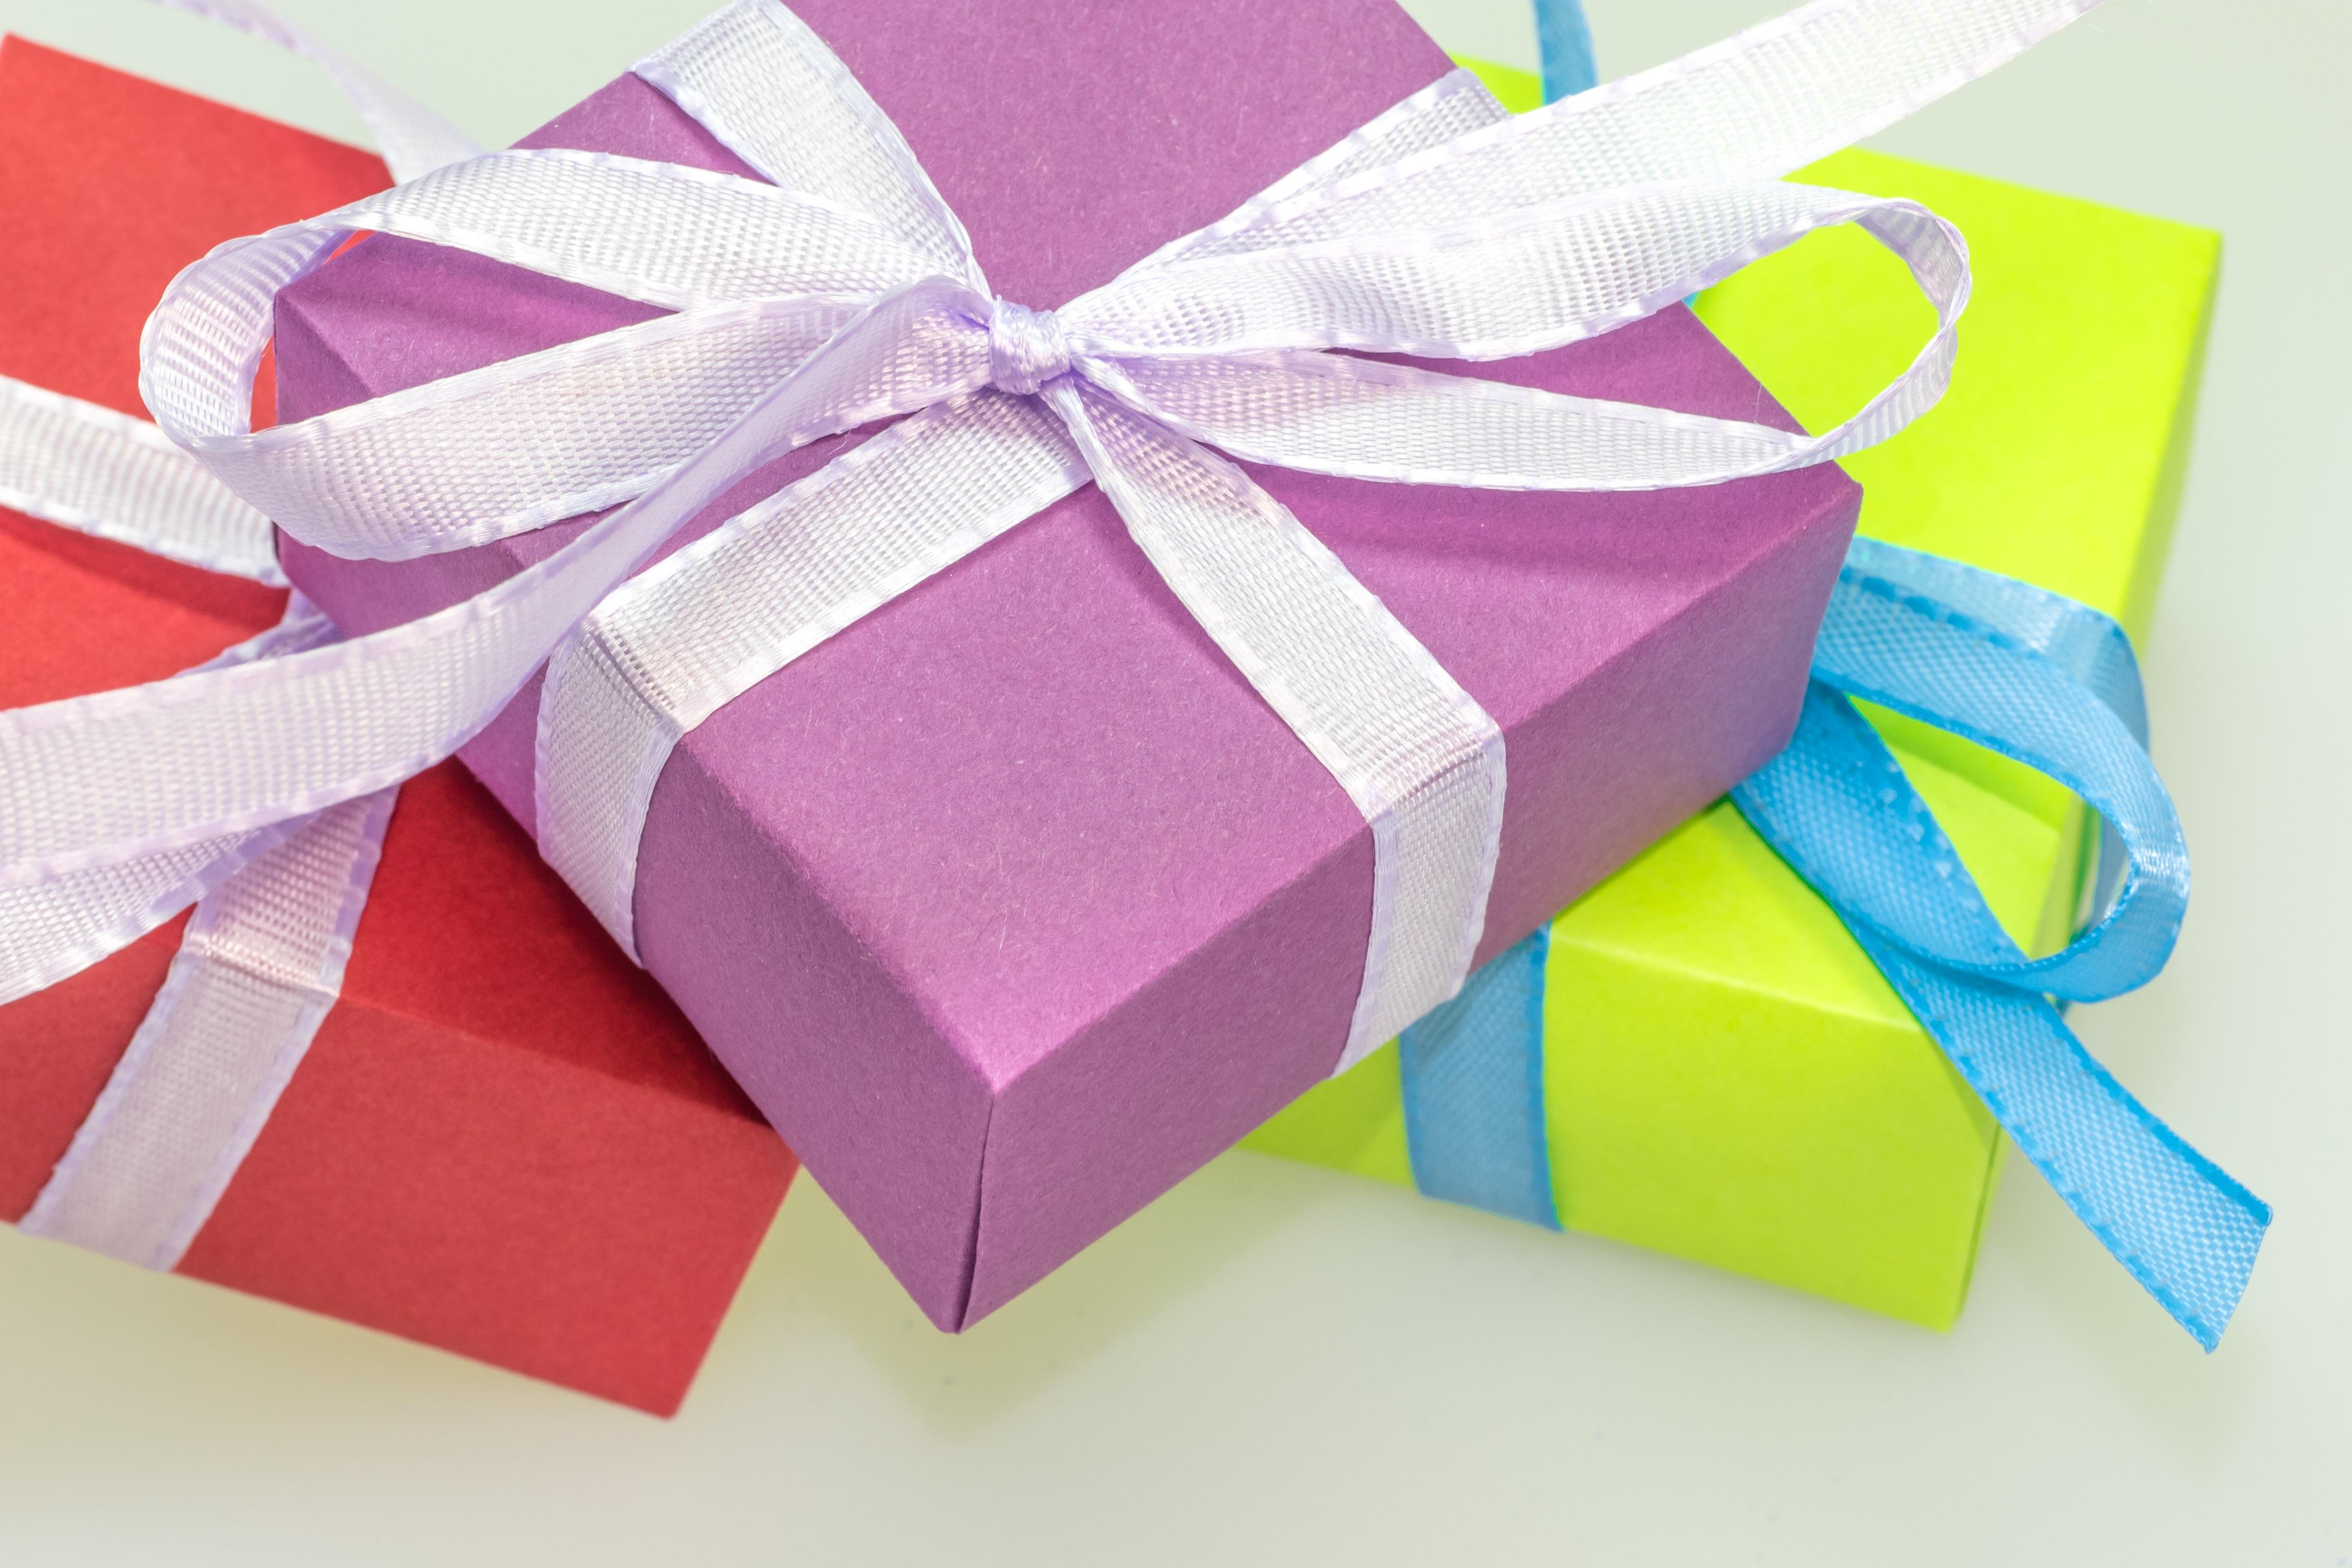 Decoration De Paquets Cadeaux images gratuites : pétale, couleur, coloré, rose, avènement